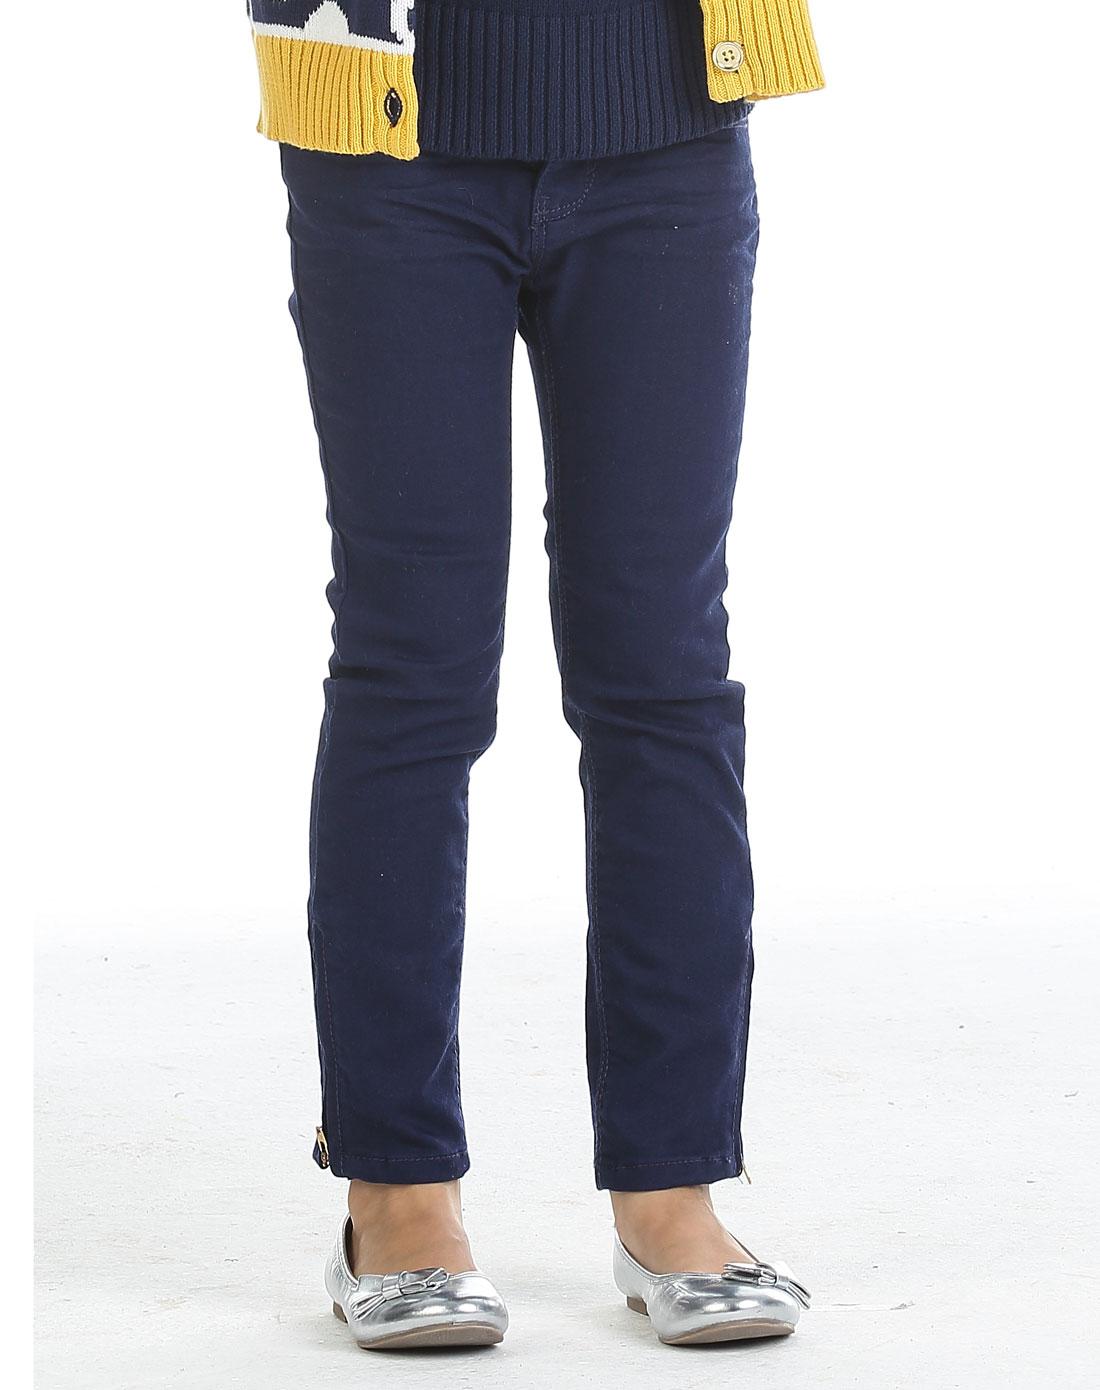 女孩深蓝色拉链紧身牛仔裤